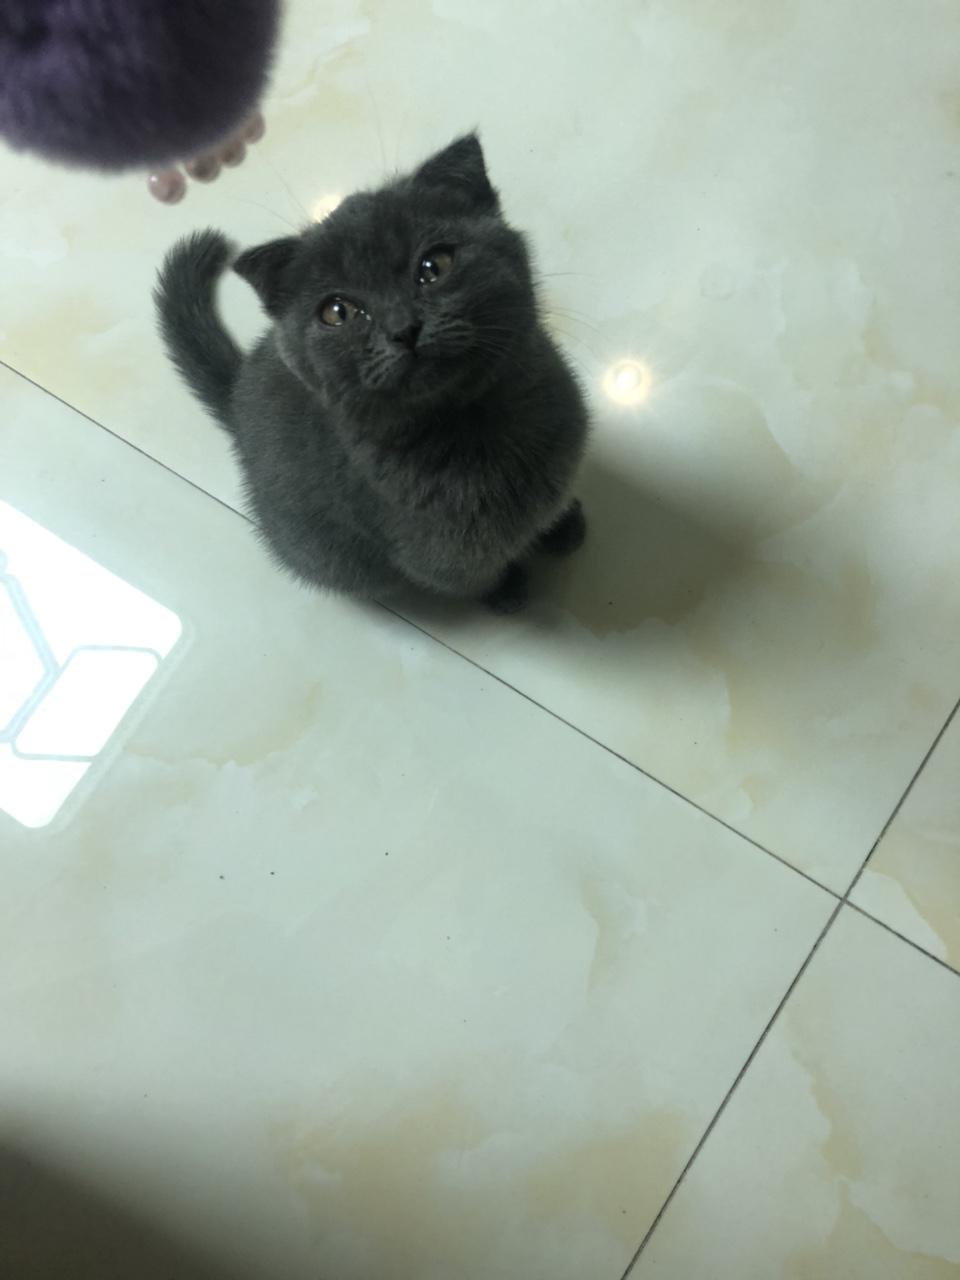 本人外出,因家中无人照顾,现出售折耳蓝短猫咪一只,3针疫苗均已打完,带猫粮,猫砂盆,猫营养膏,猫耳油...